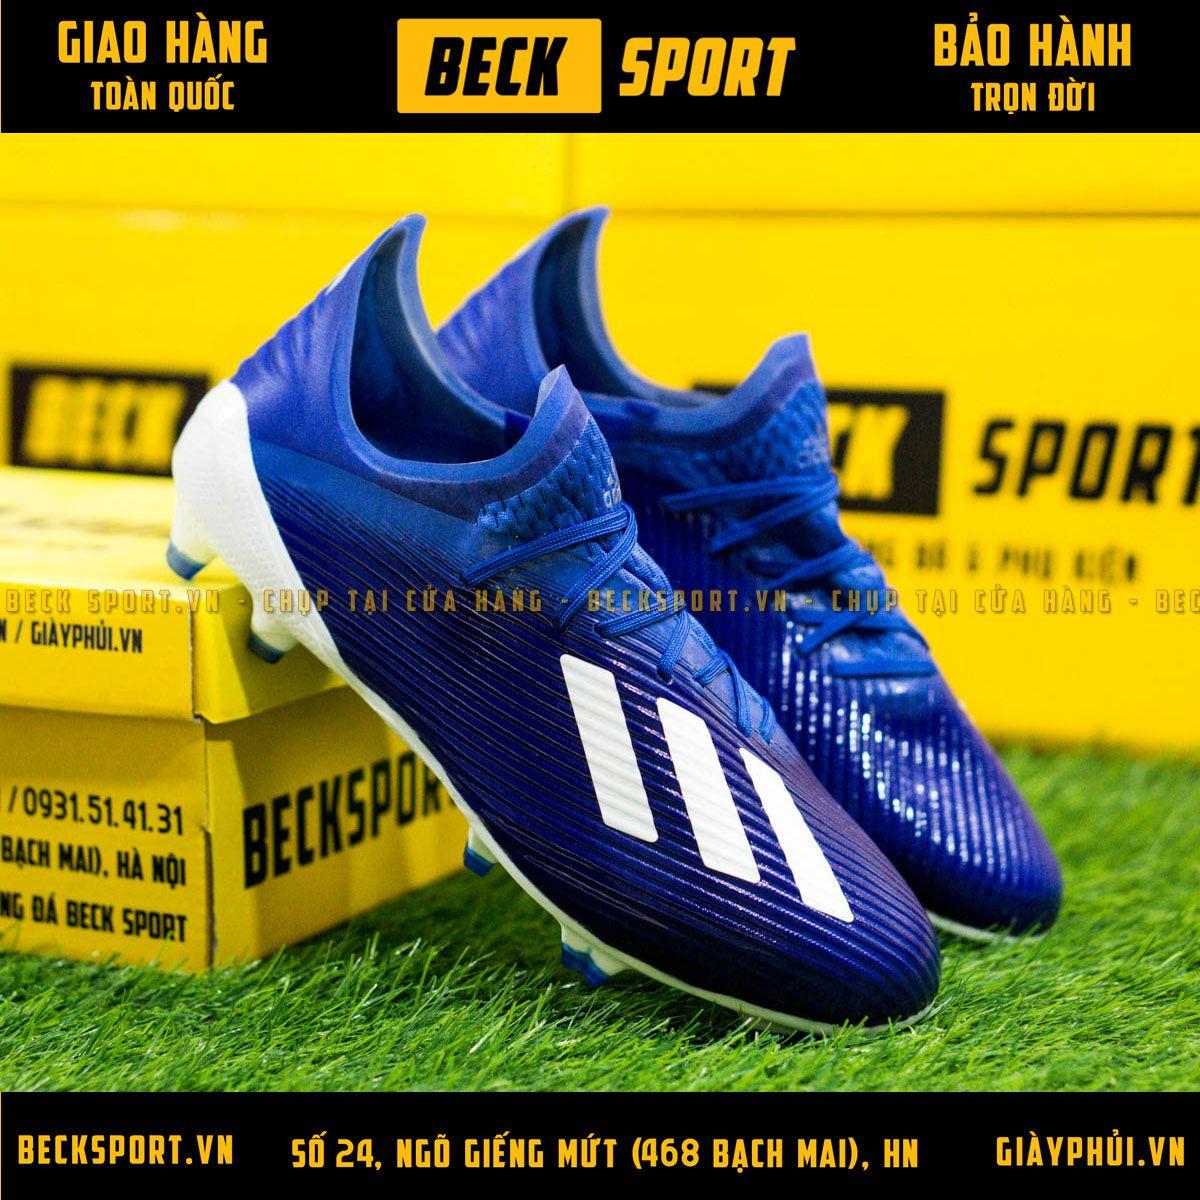 Giày Bóng Đá Adidas X 19.1 Xanh Biển Vạch Trắng Đế Trắng FG